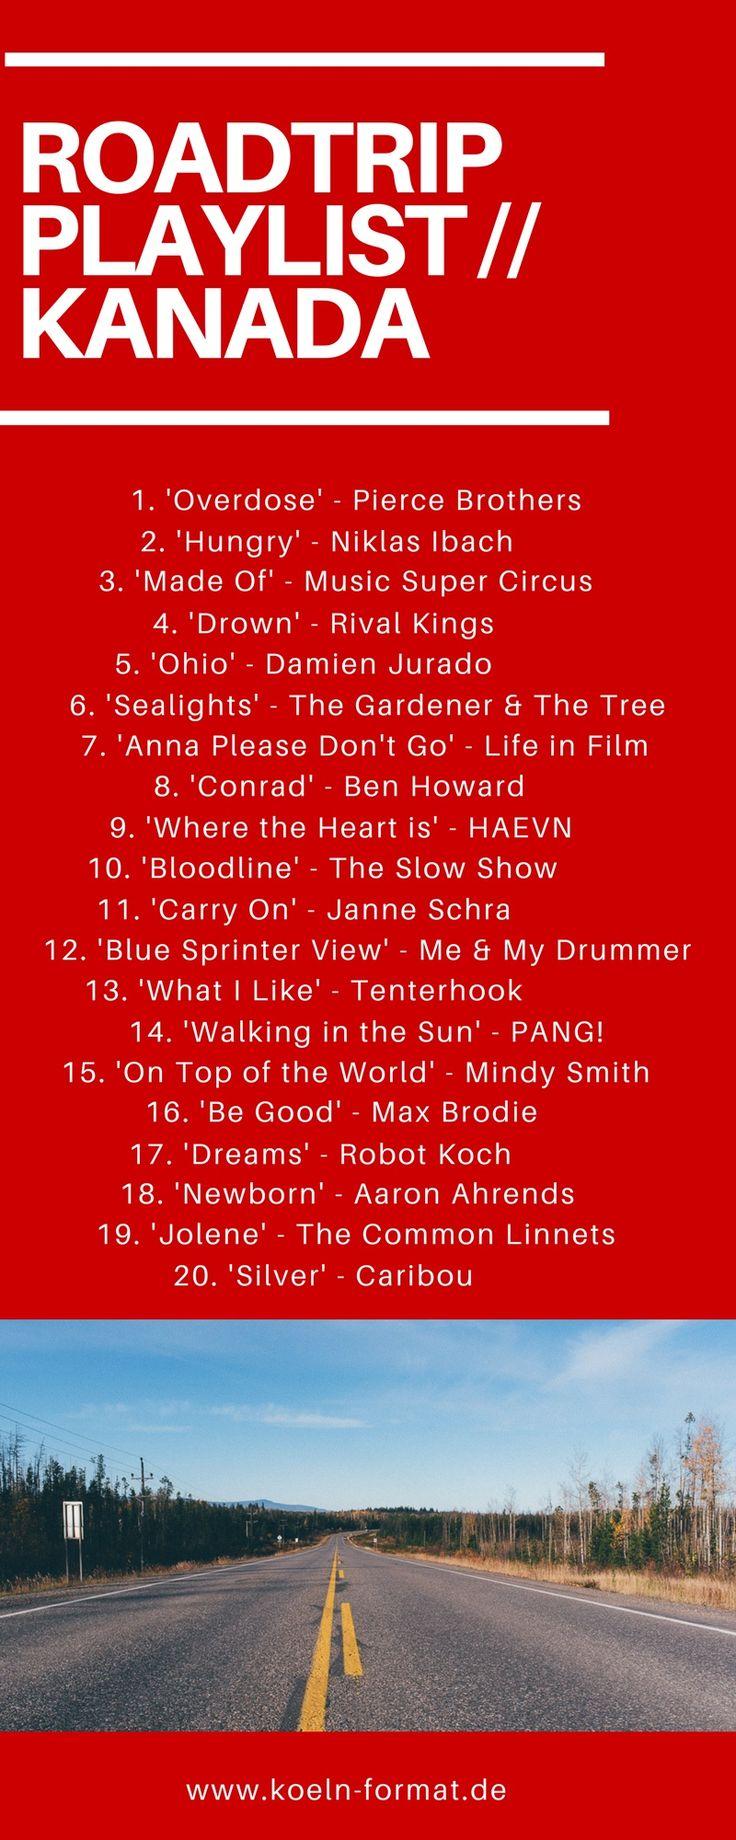 Keine Reise ohne Roadtrip Playlist! Hier findet ihr eine Auswahl meiner Roadtrip Playlists für eure nächste Reise inkl Pin zum speichern!